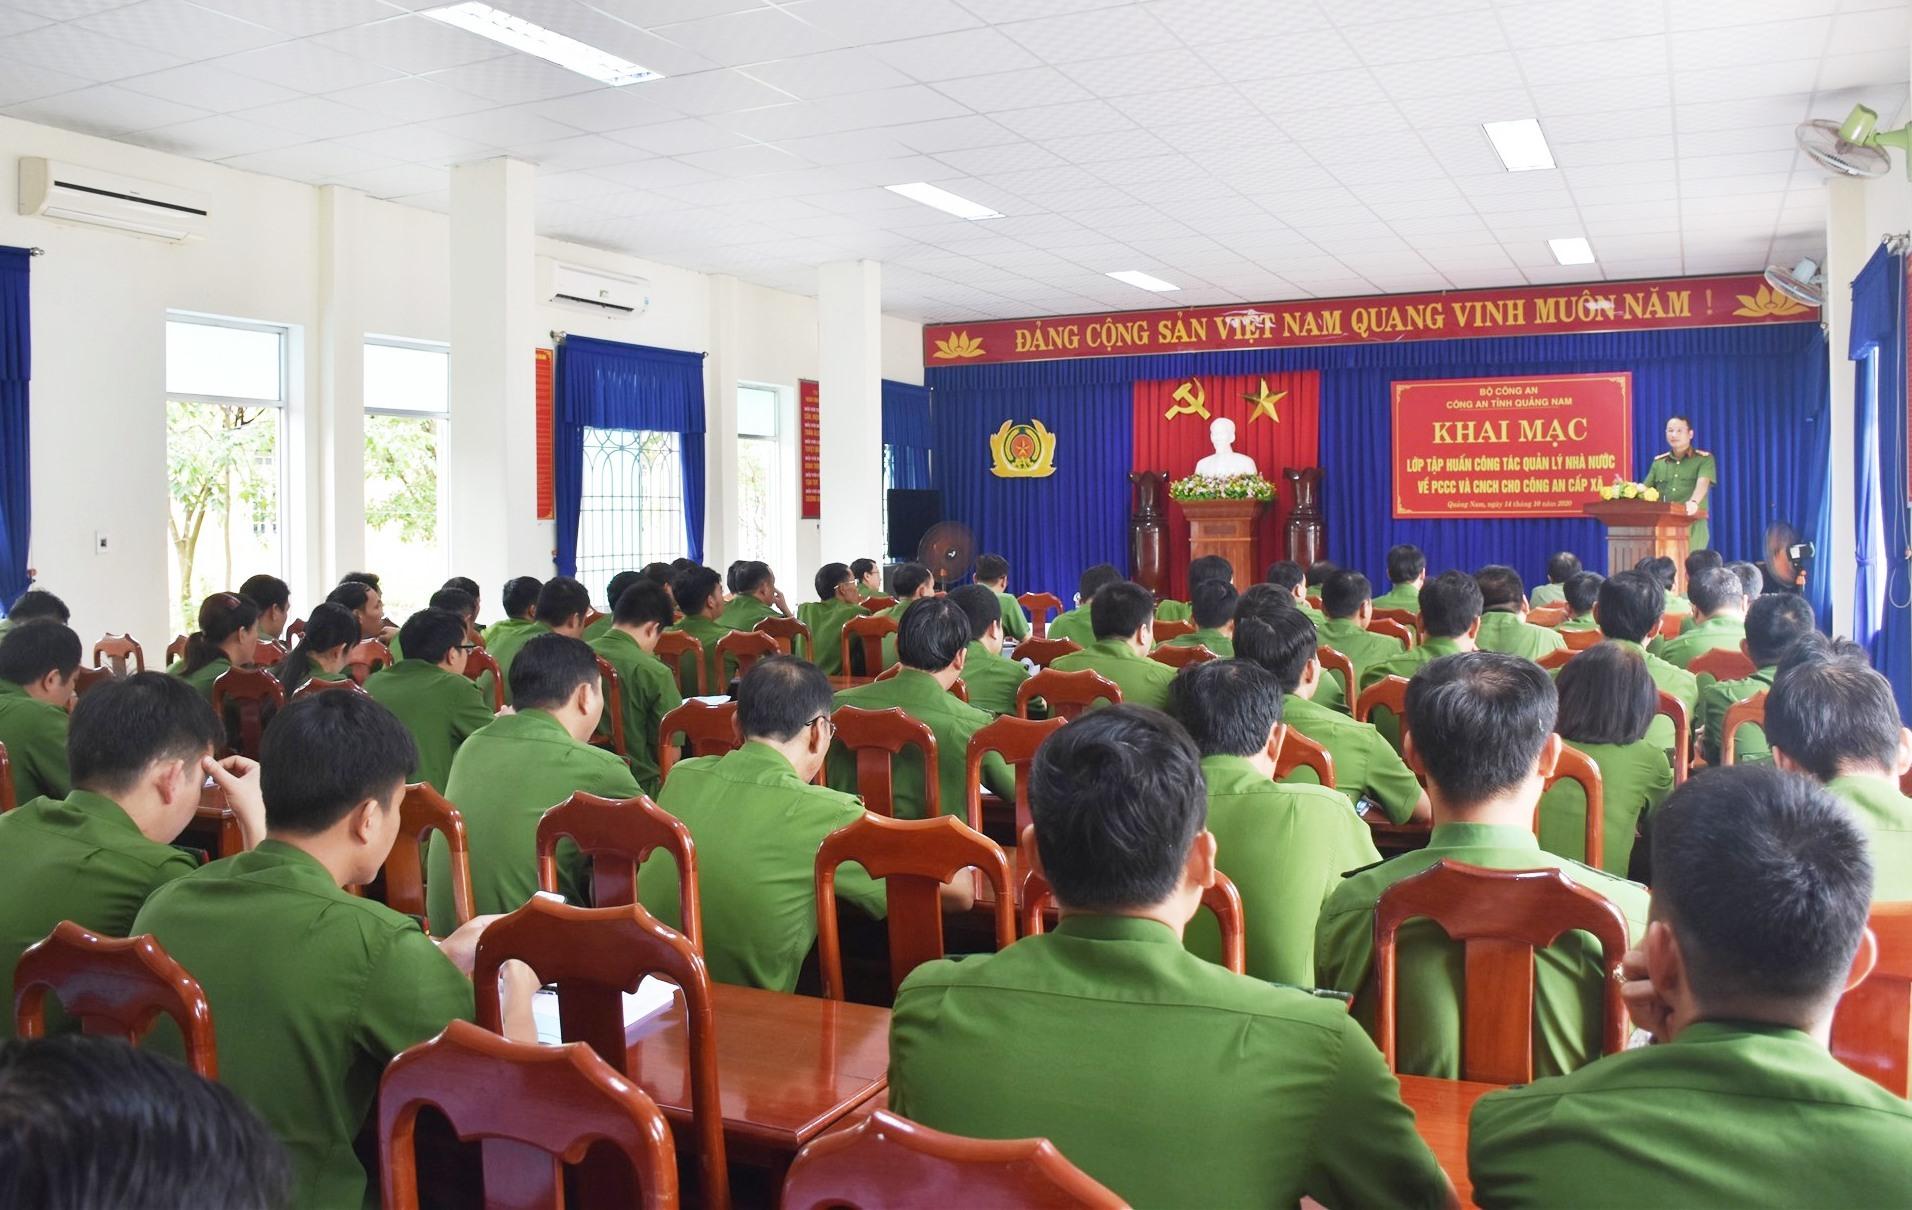 Tham dự lớp tập huấn có 90 công an xã chính quy thuộc 6 huyện, thành phố. Ảnh: M.T